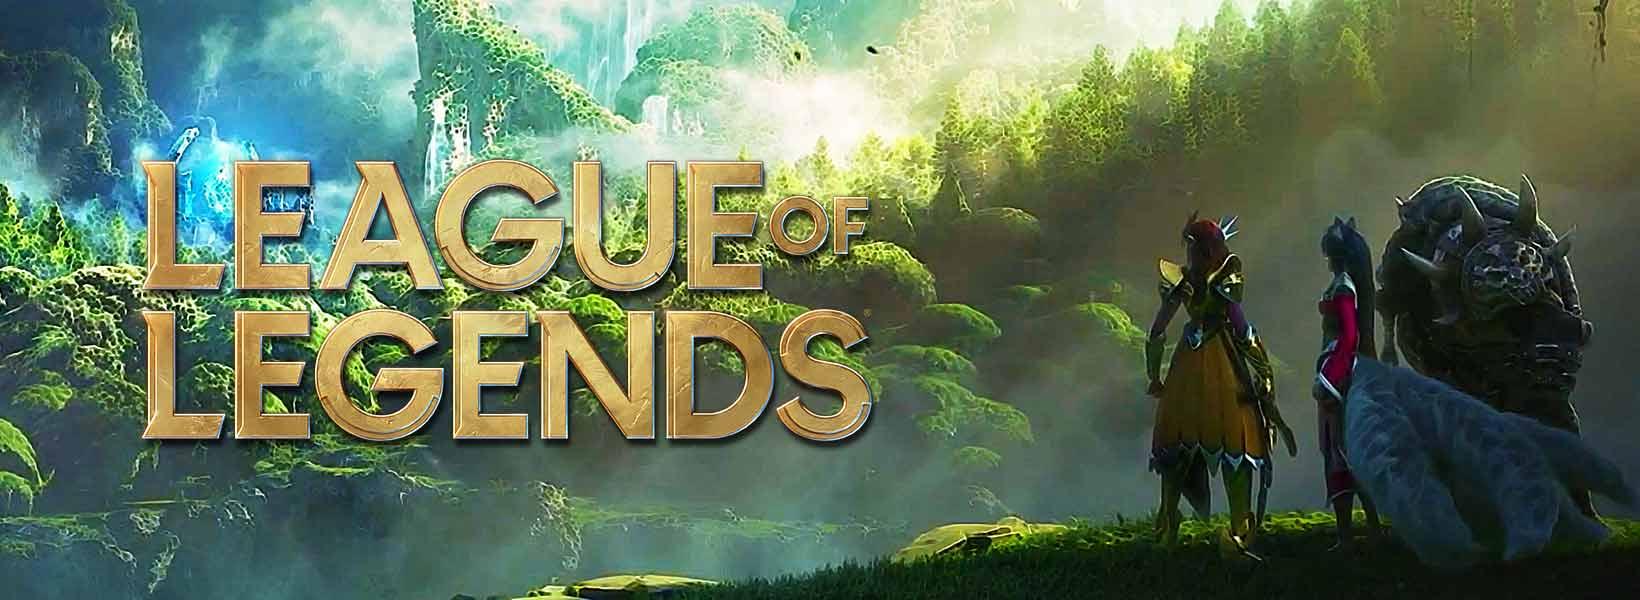 jucători league of legends